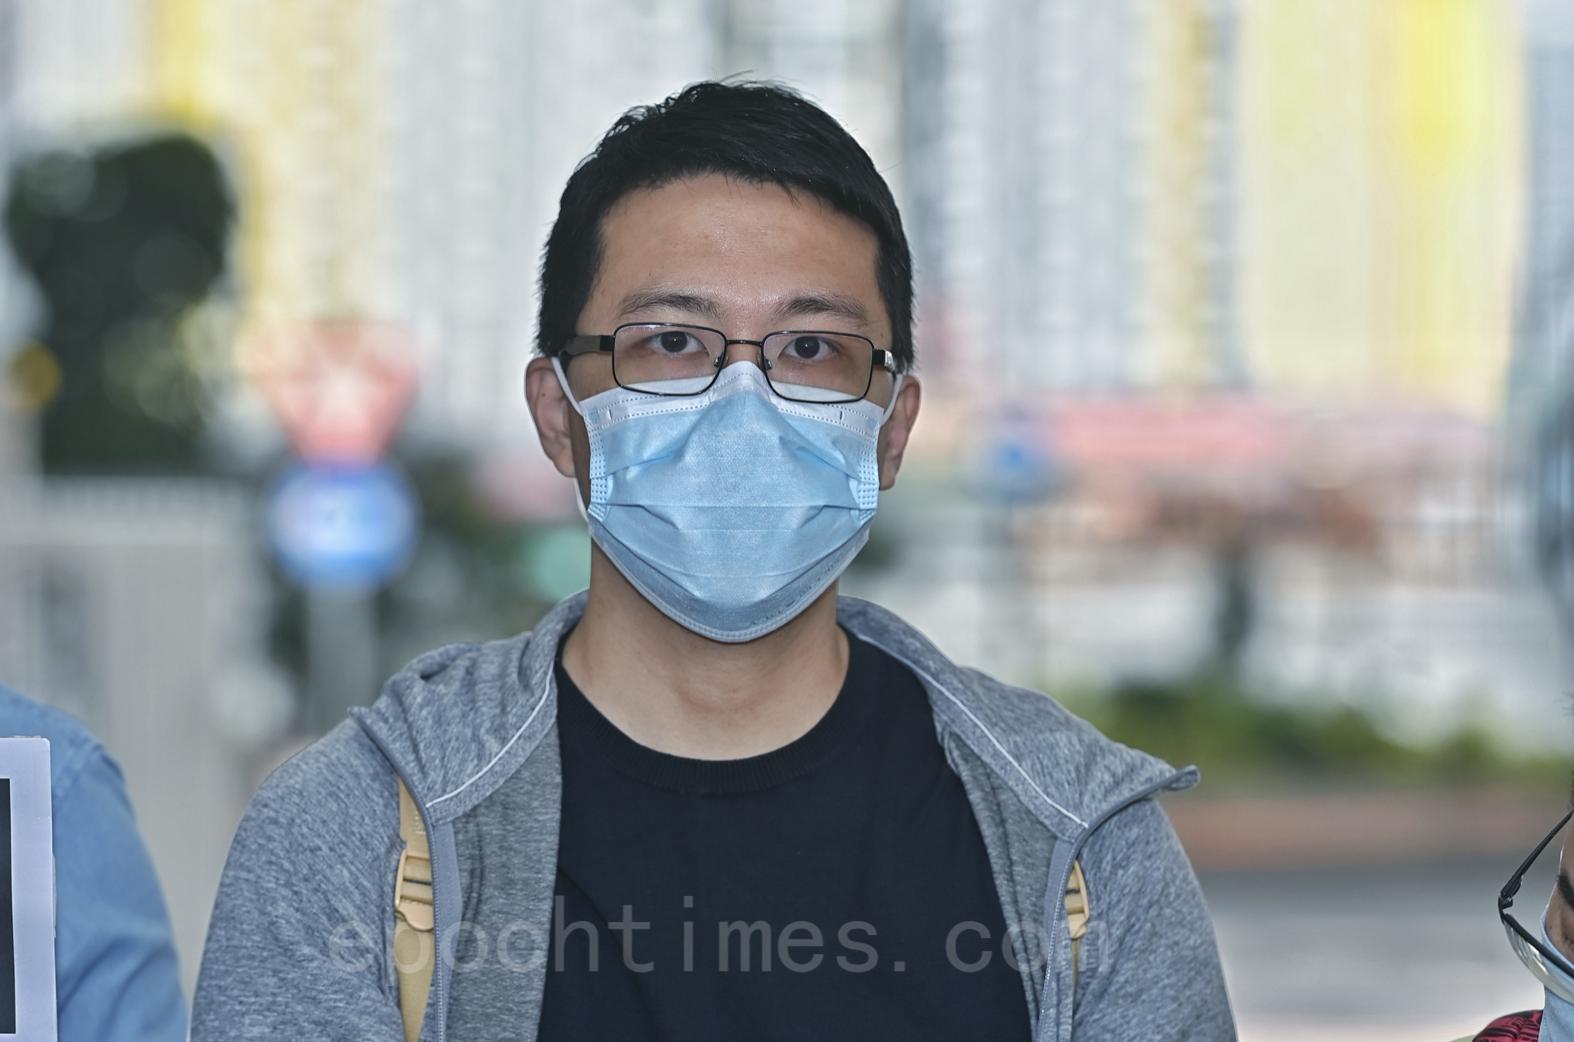 盧俊宇追討開支 抗議民政署打壓。(宋碧龍/大紀元)